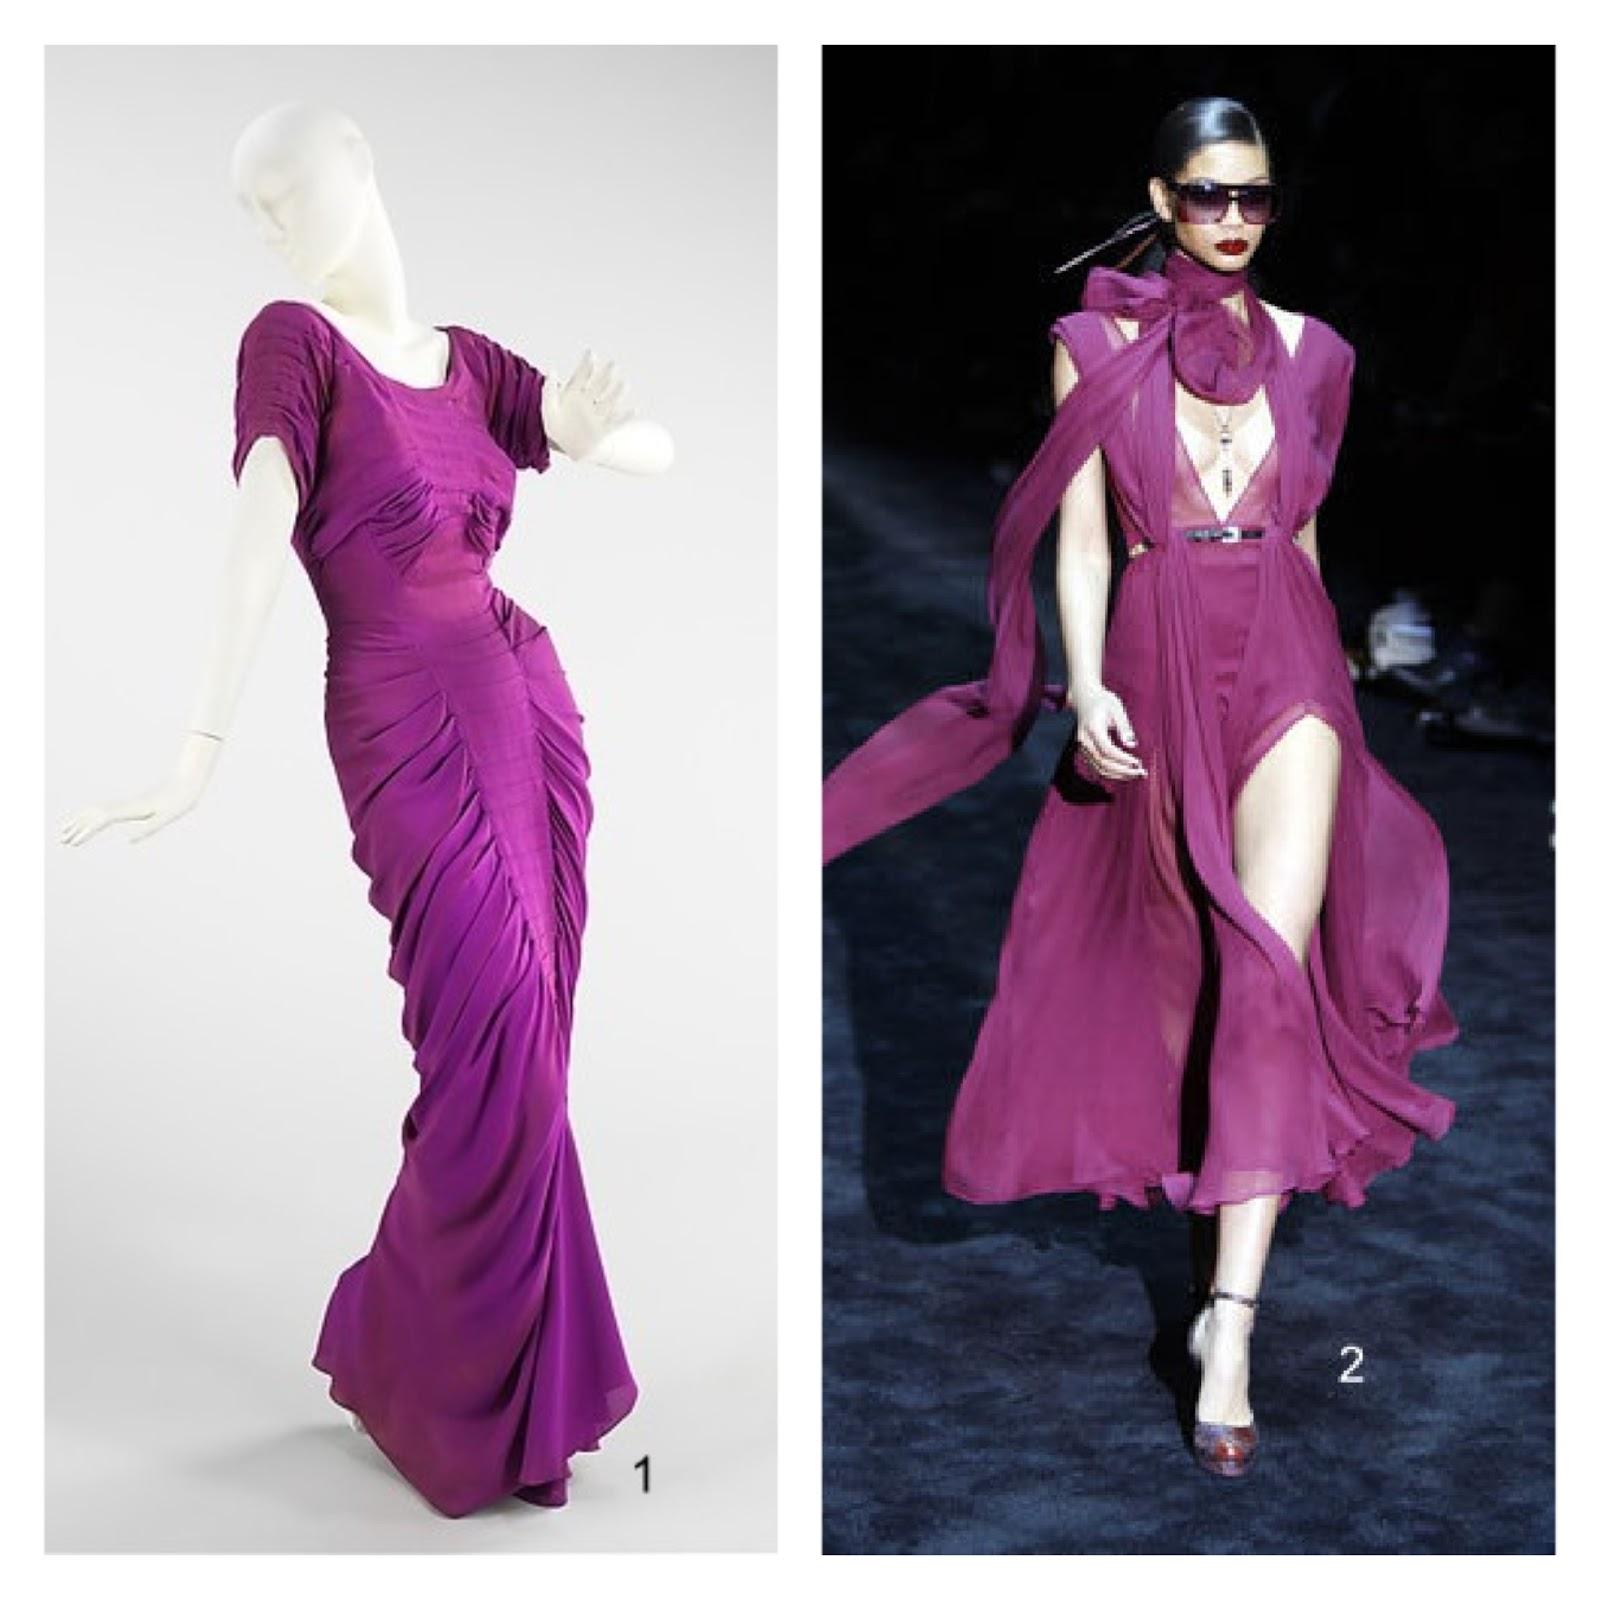 Delicato Colore Viola Pallido trama e ordito - il blog della moda: dizionario dei colori